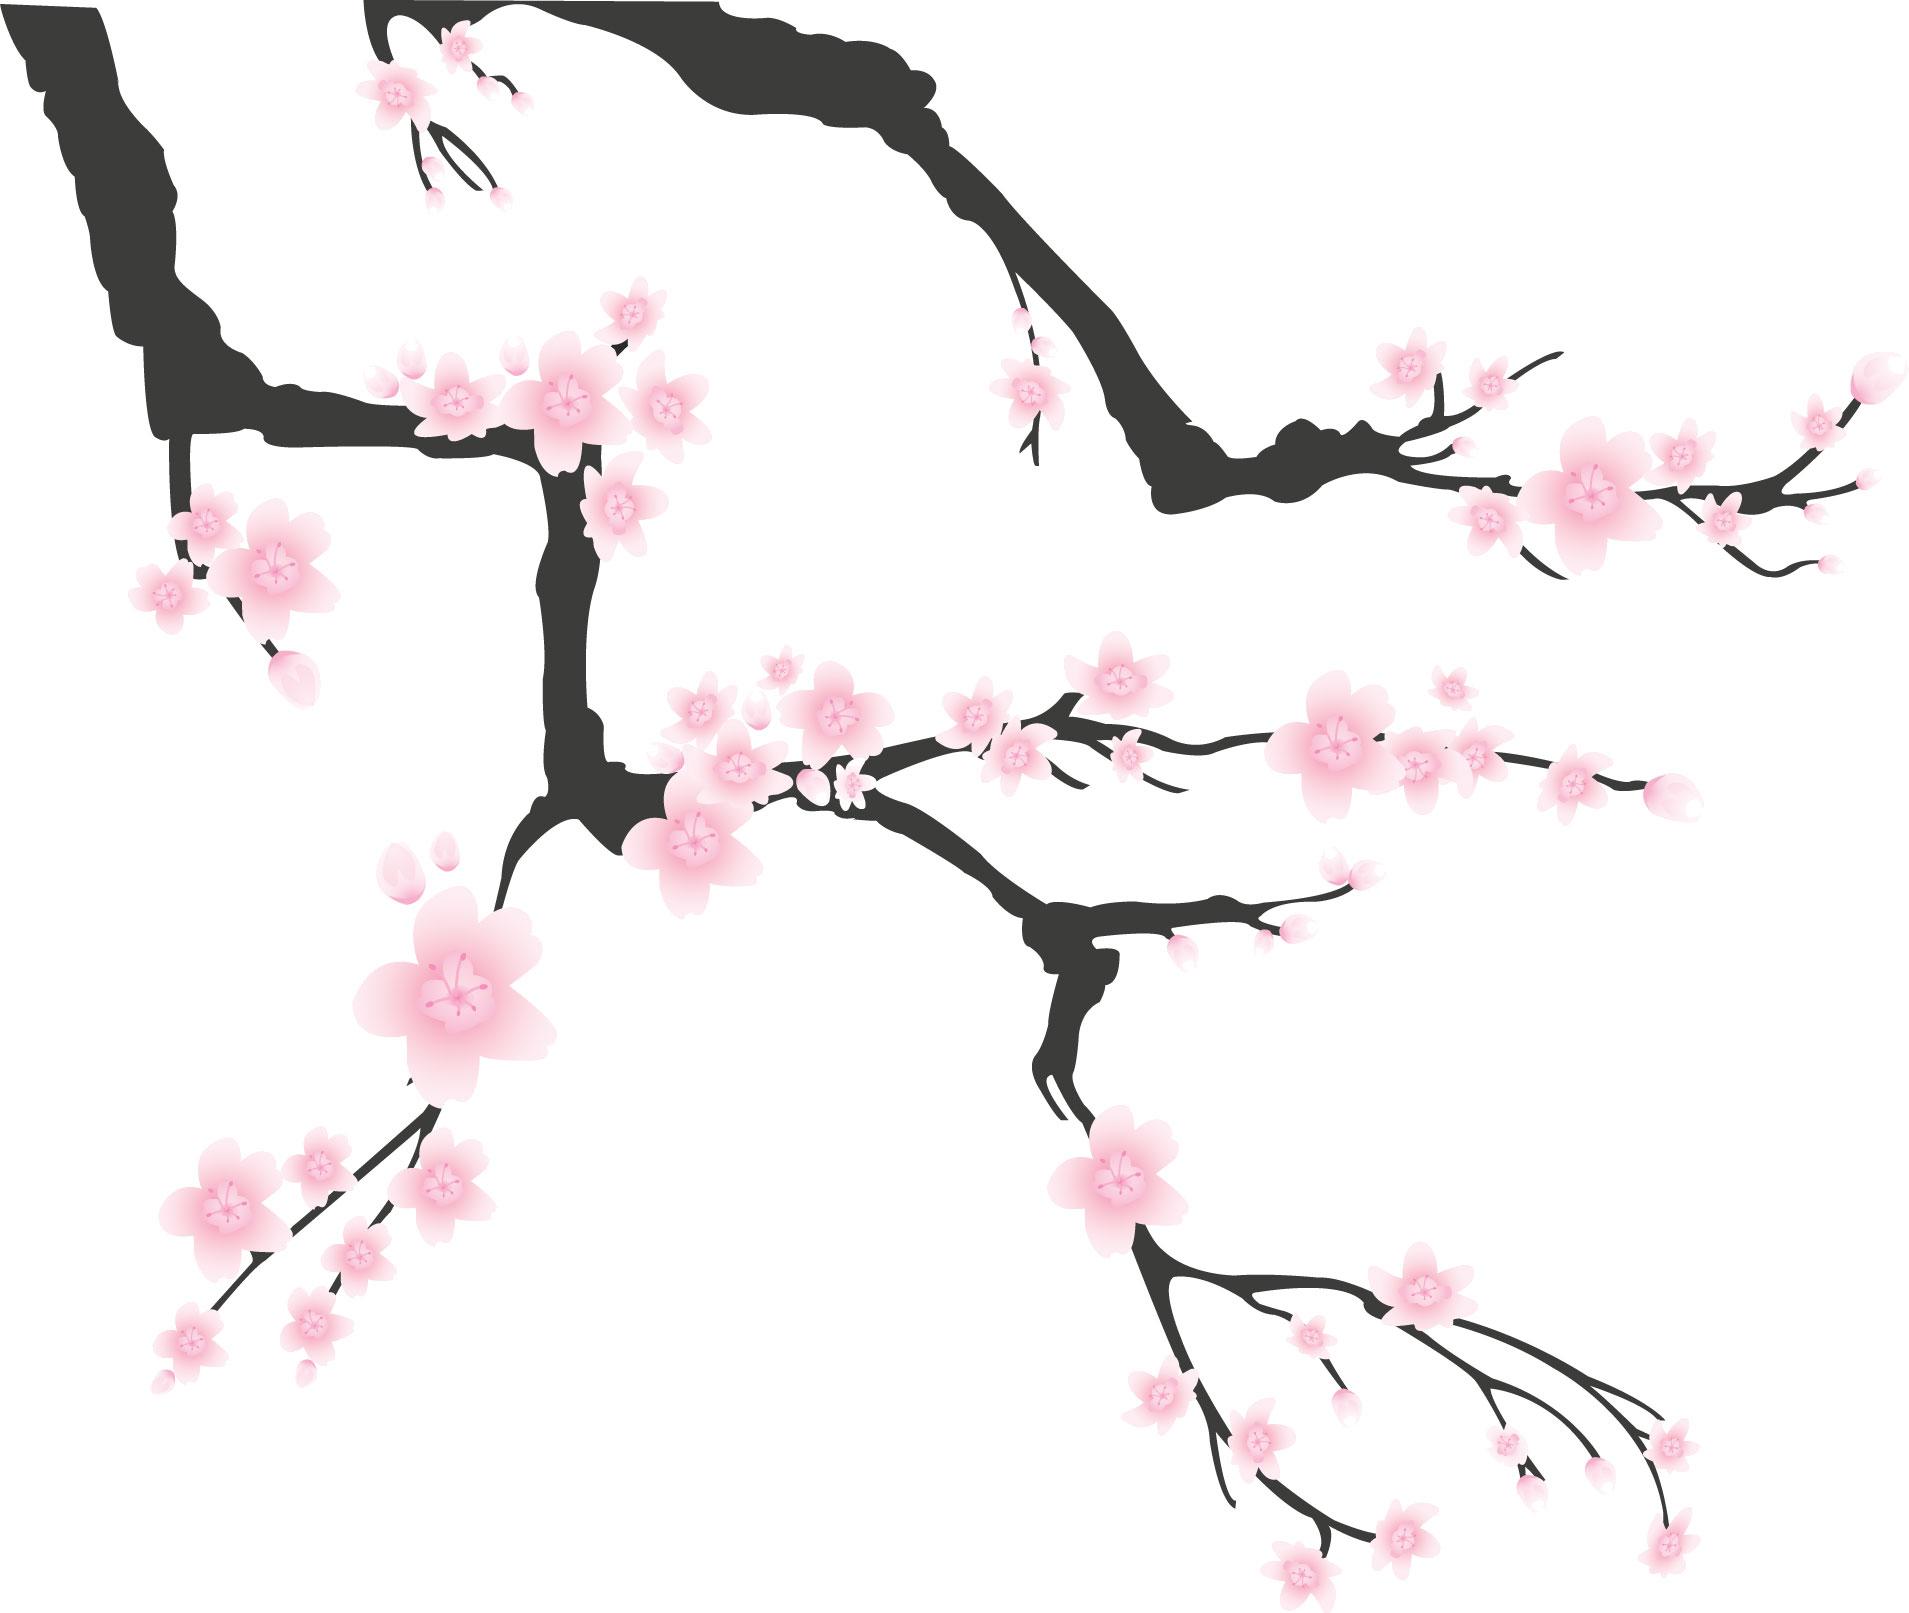 リアルな花のイラストフリー素材角コーナー用no1544梅桃桜